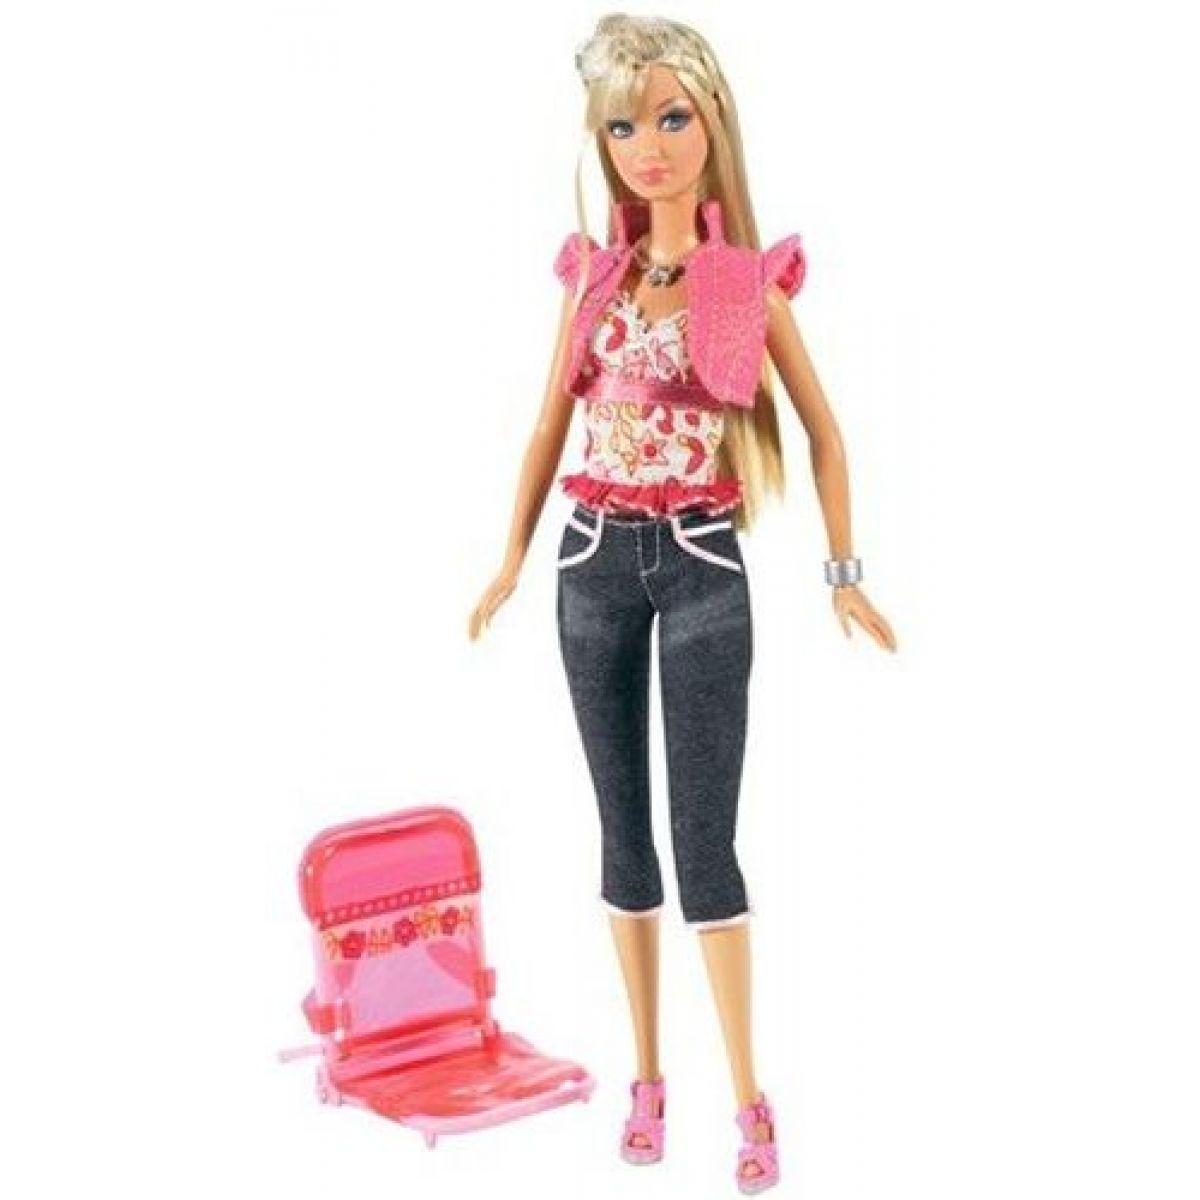 Barbie rodina - Barbie